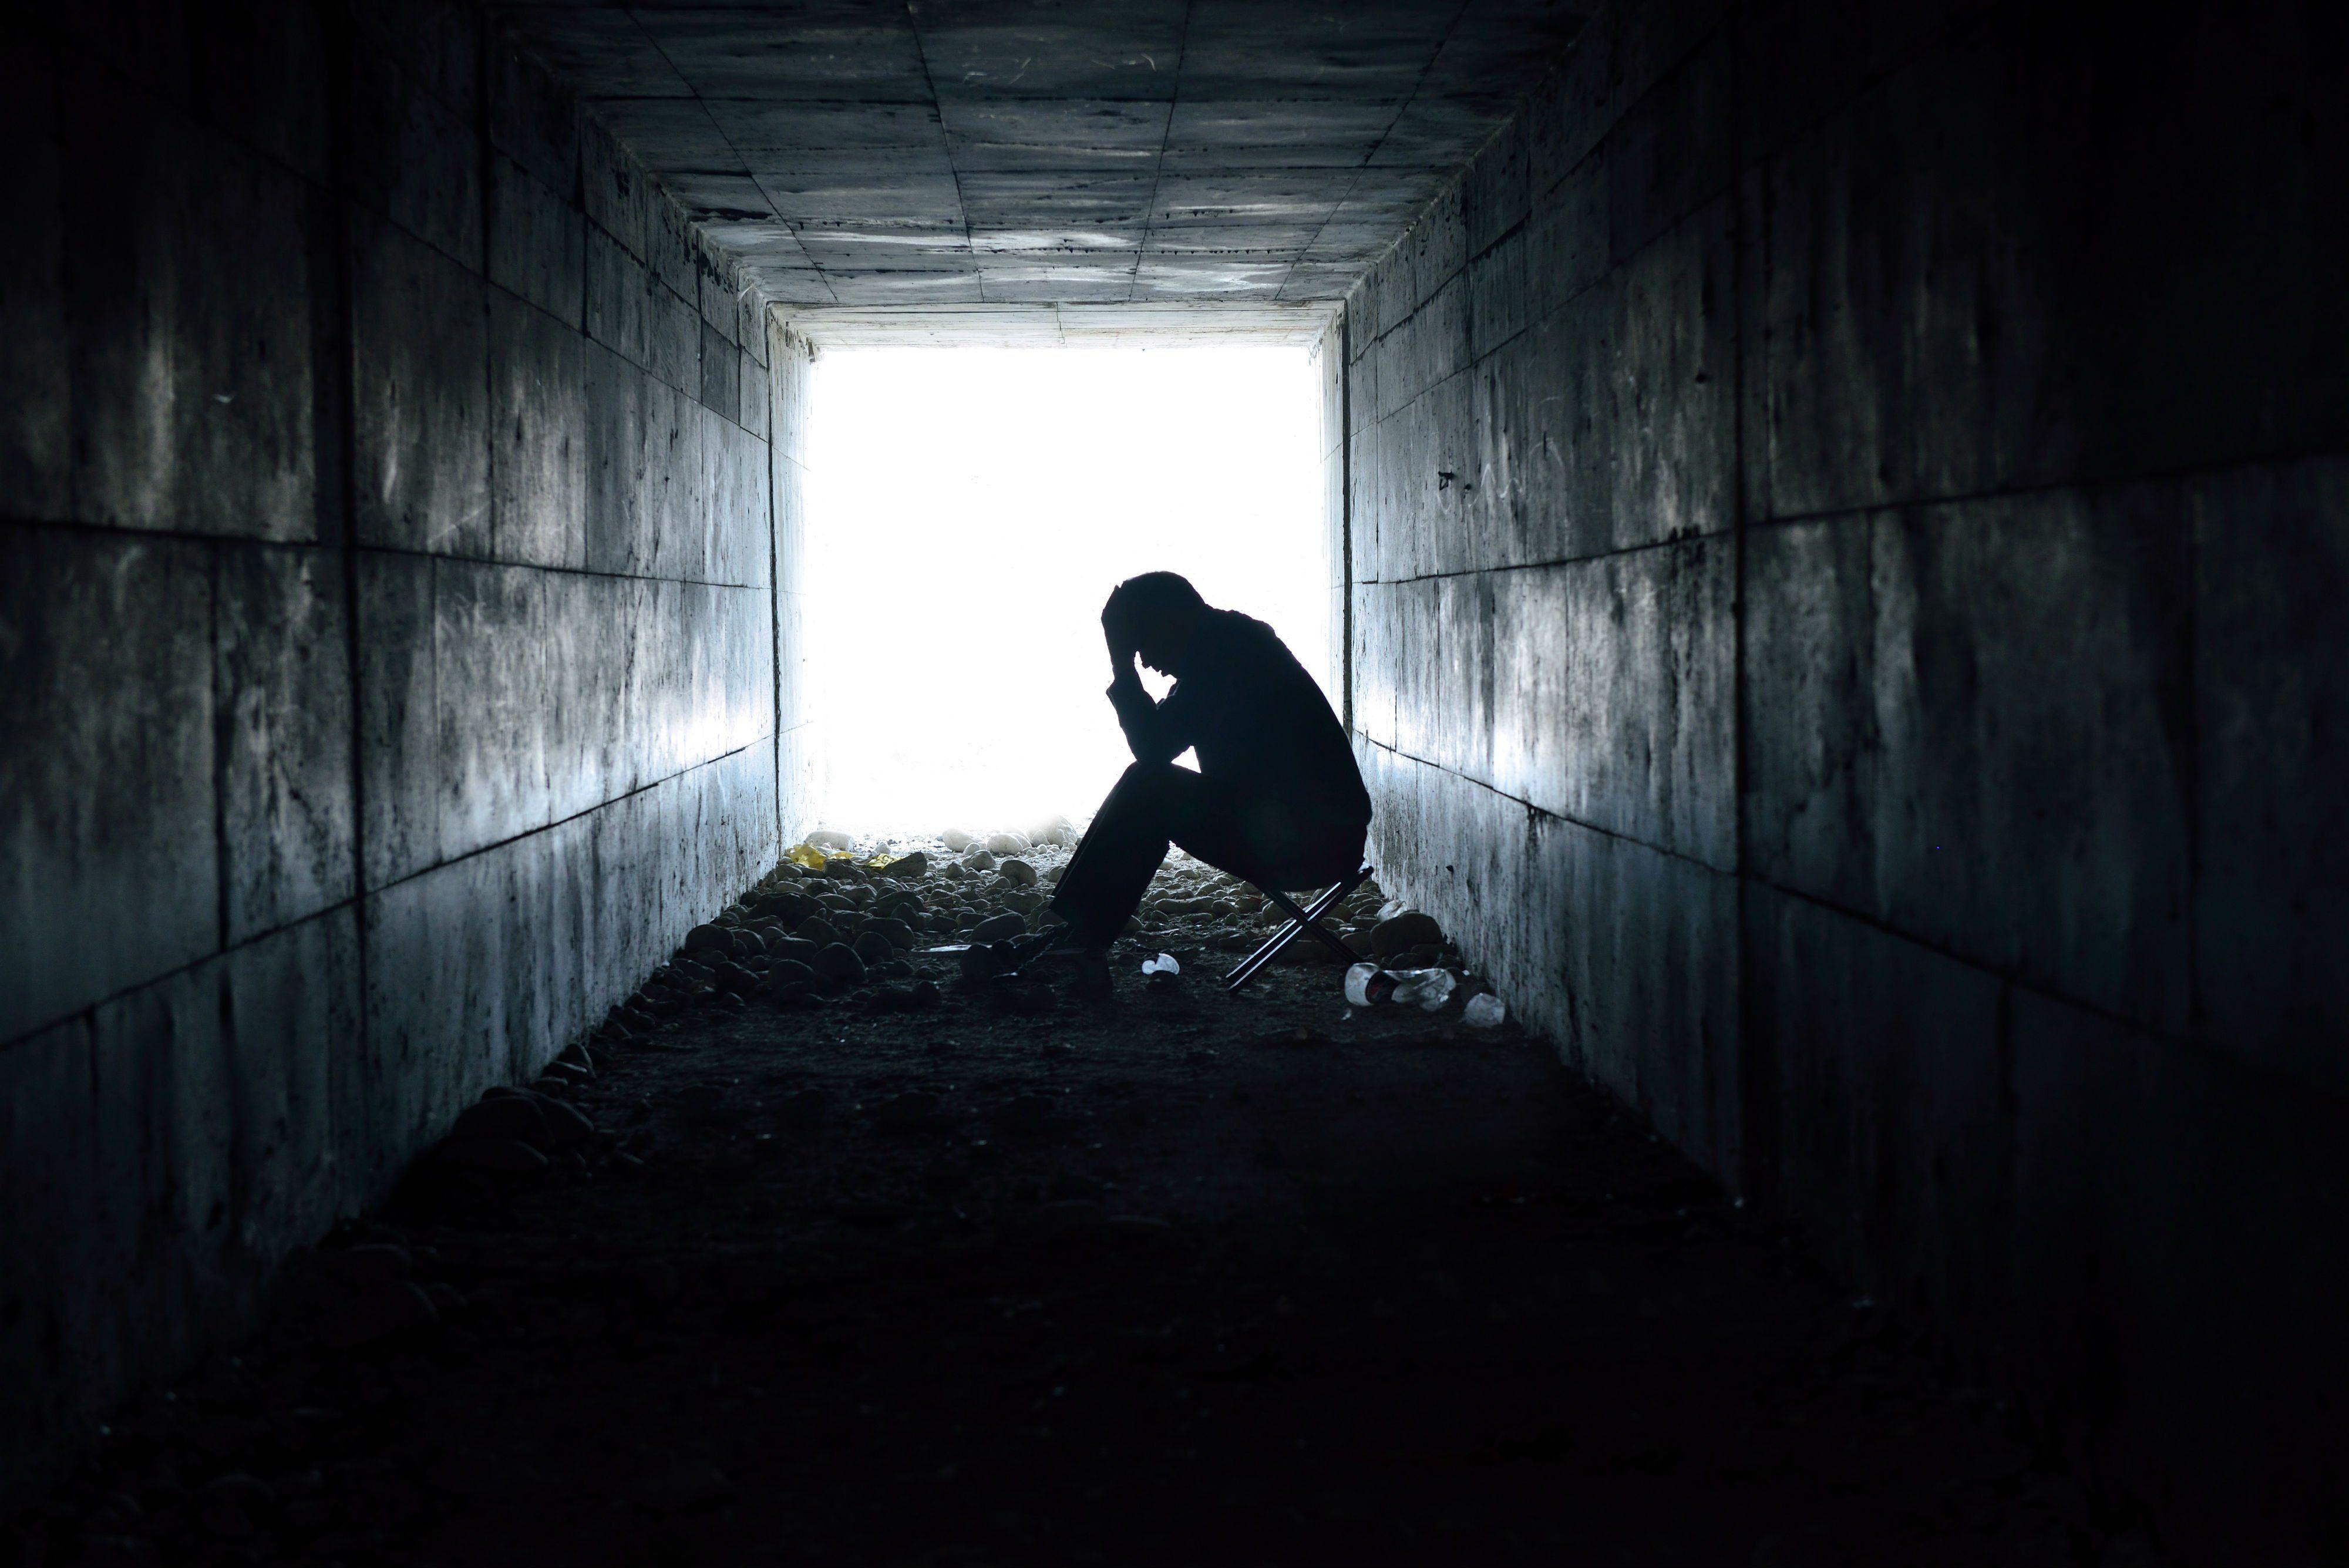 Depression Sad Mood Sorrow Dark People Wallpaper - Depressed Man - HD Wallpaper